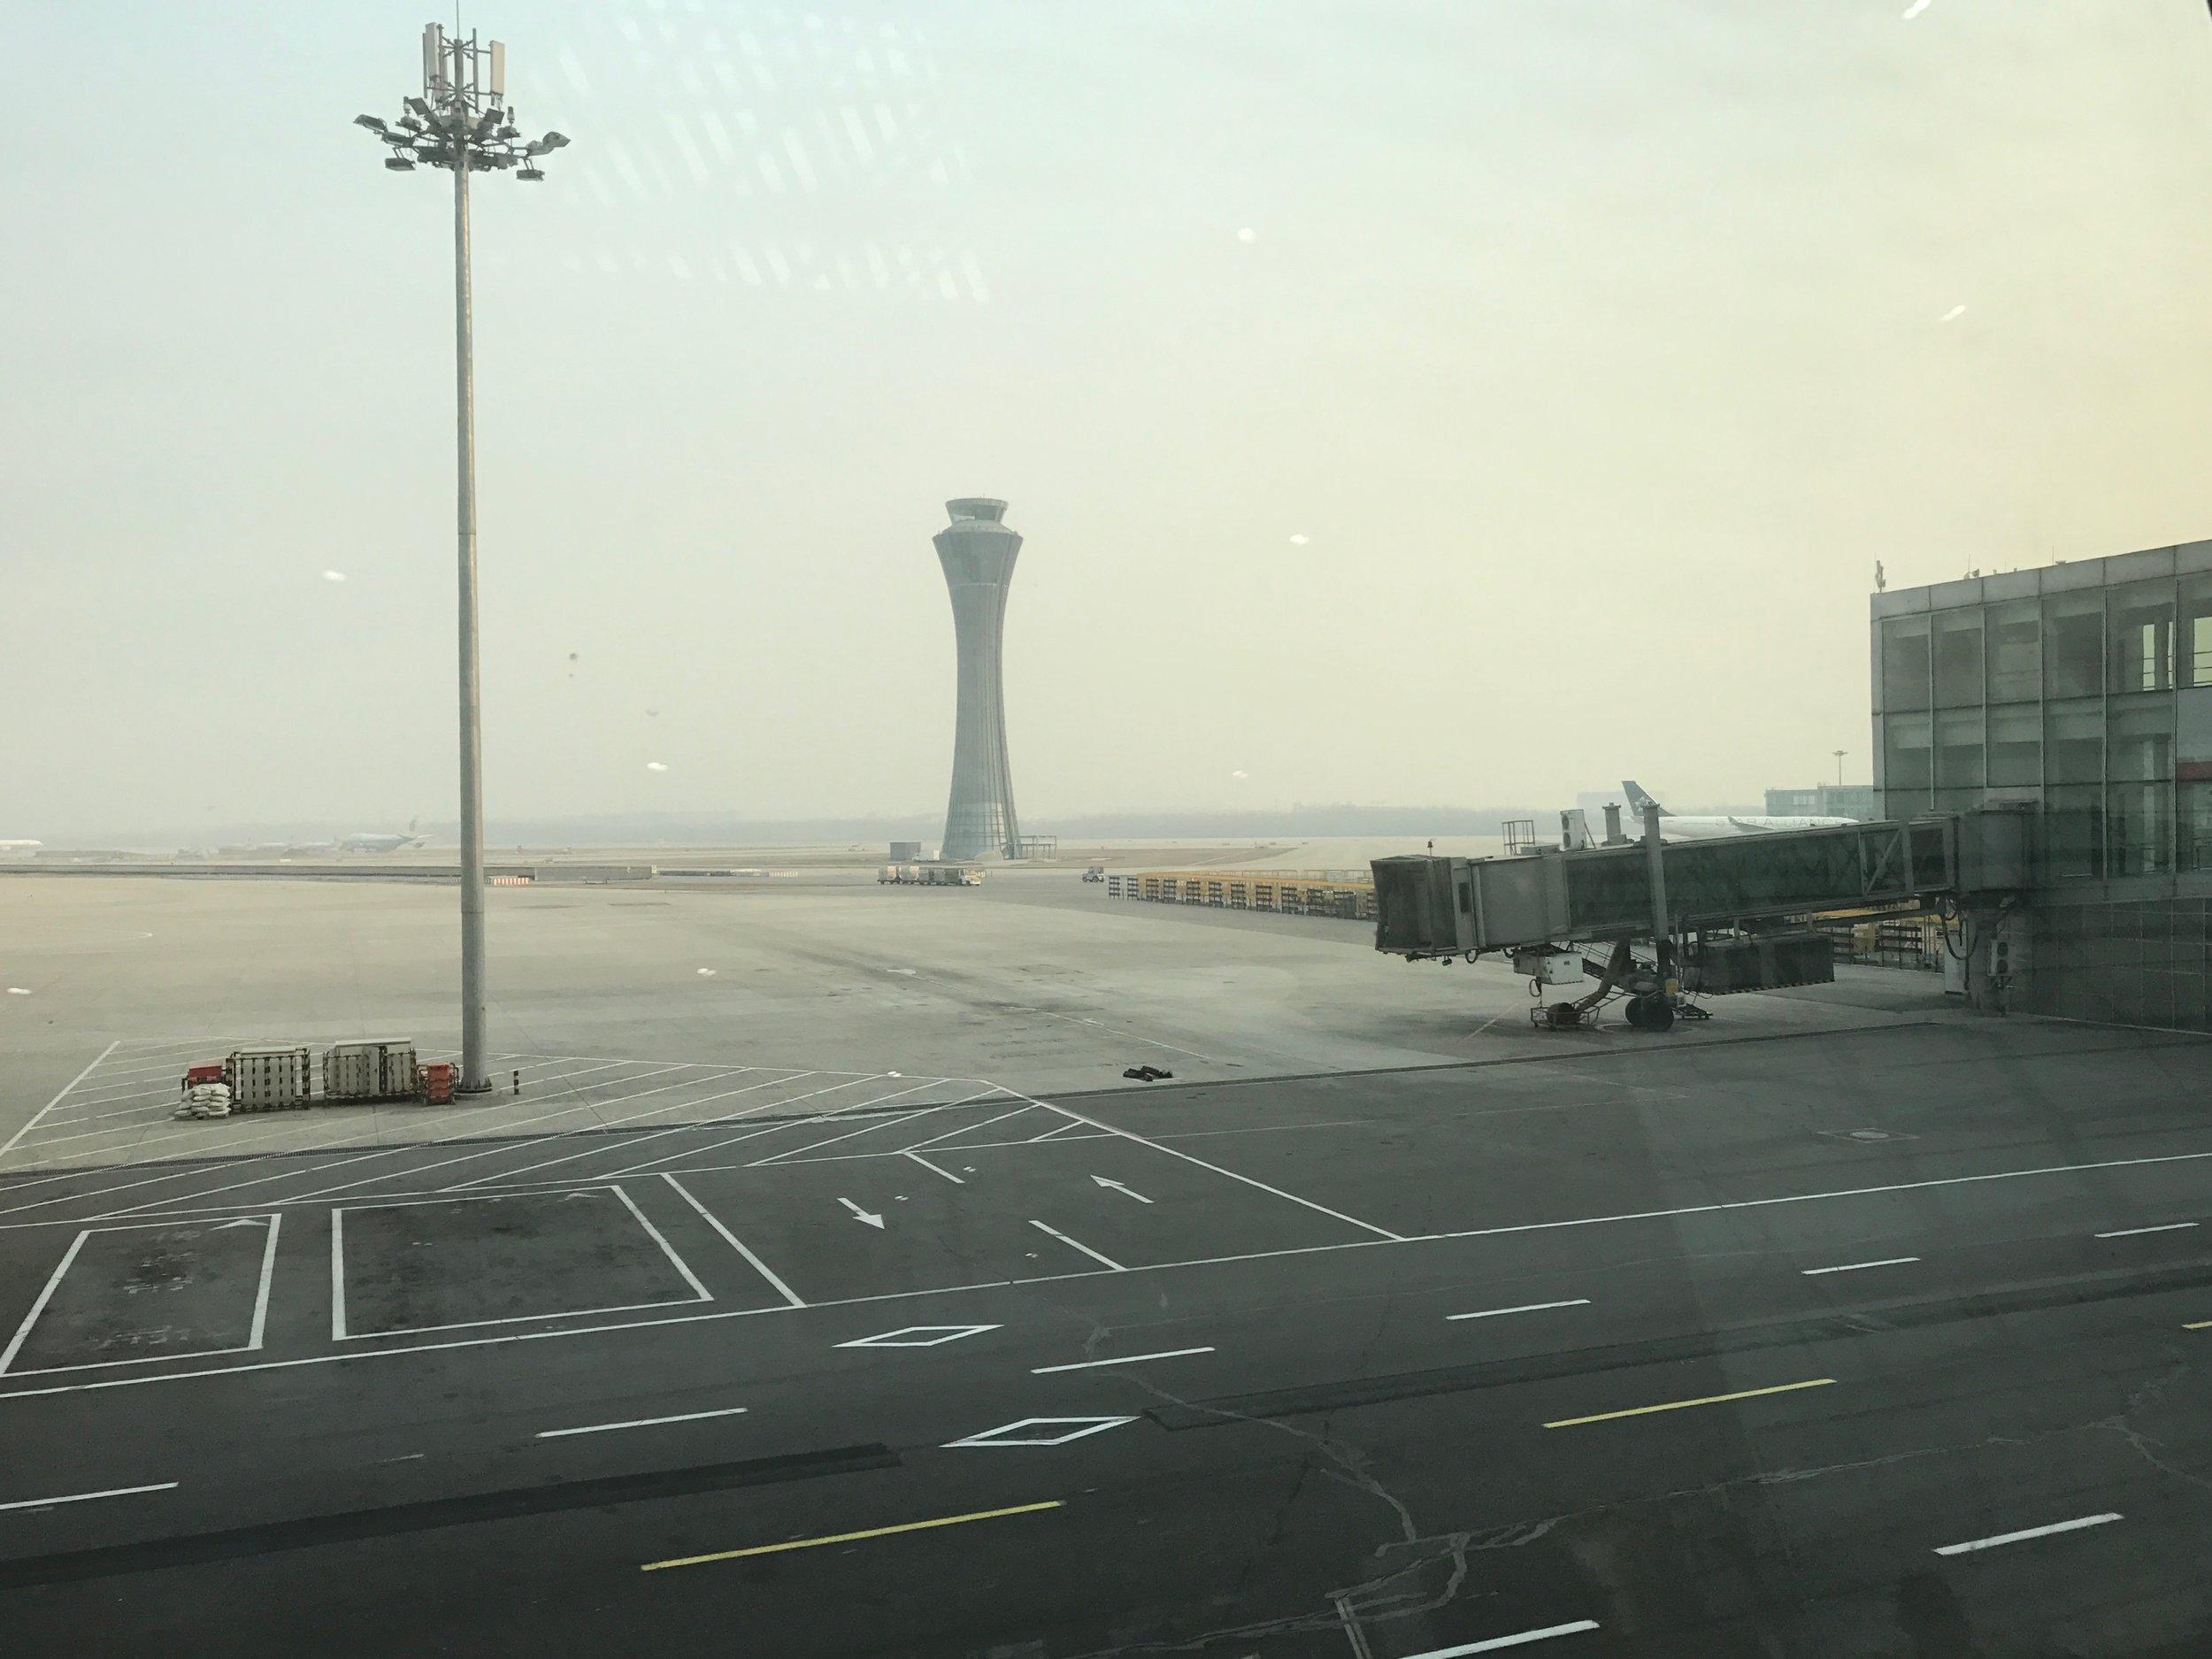 Beijing Airport tarmac